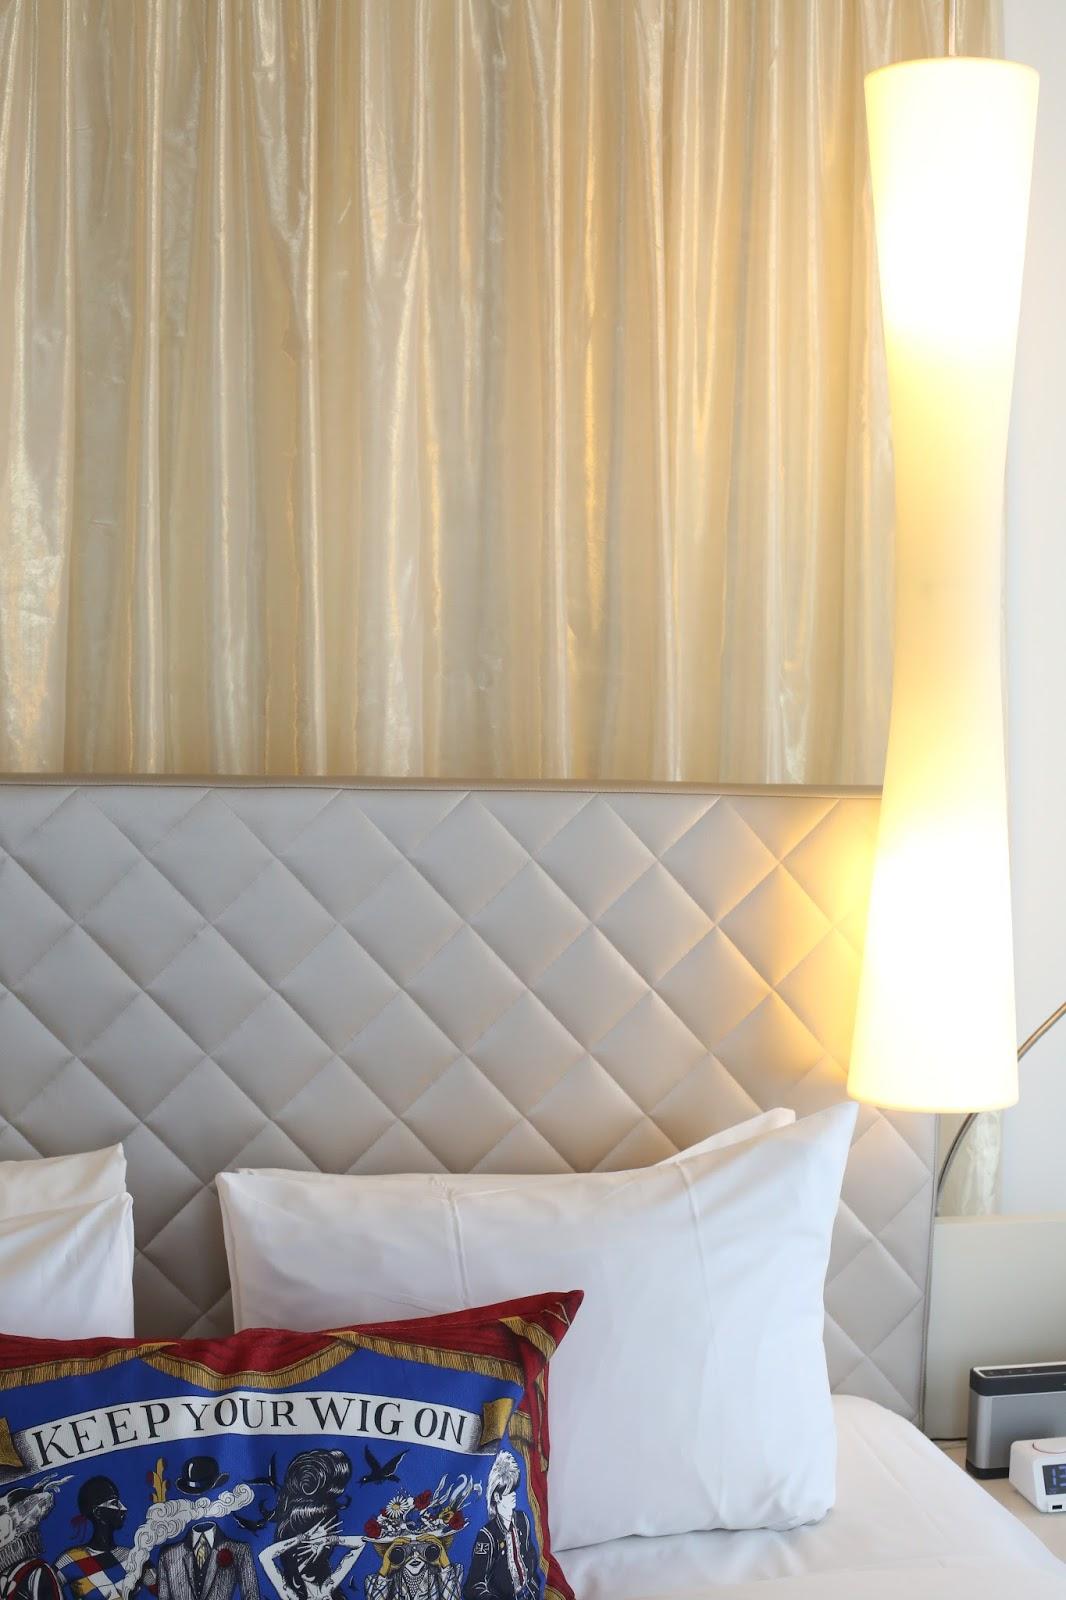 w hotel in london